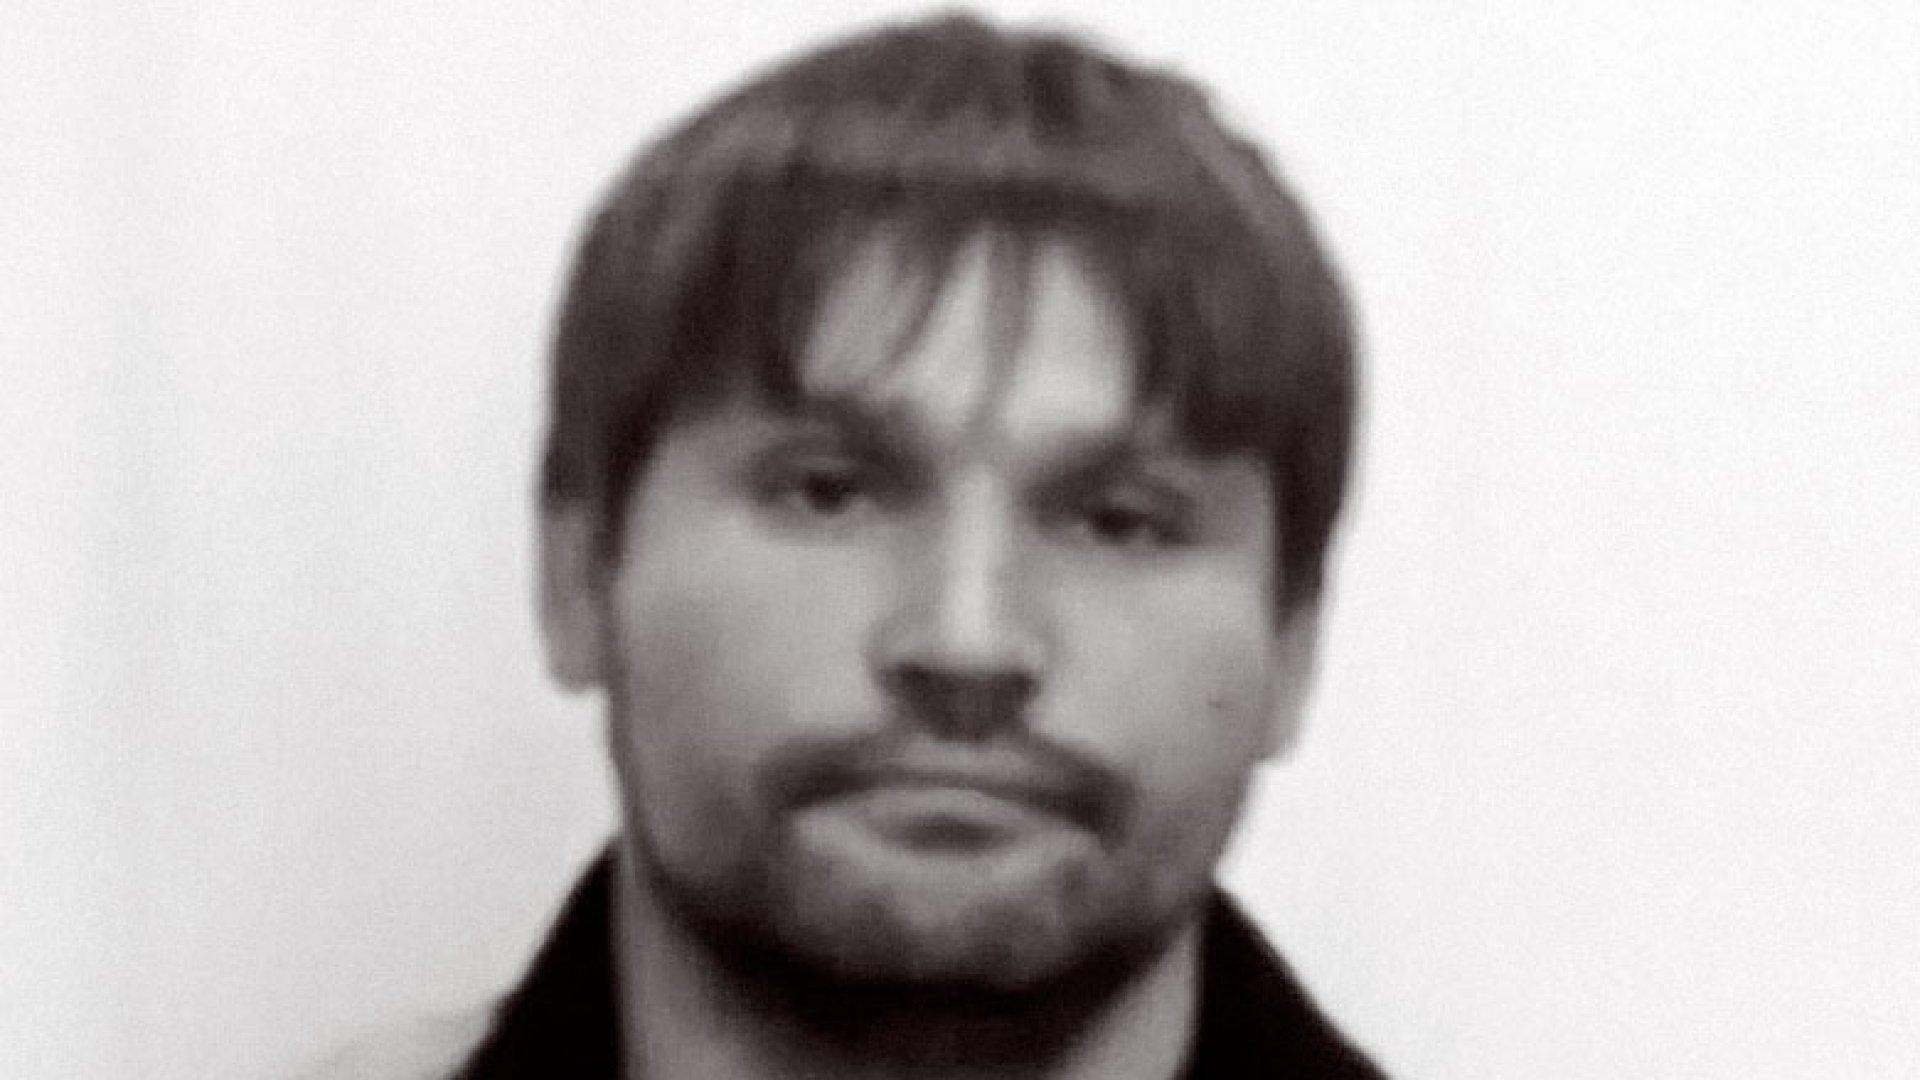 криминальные авторитеты молдовы фото все необходимое